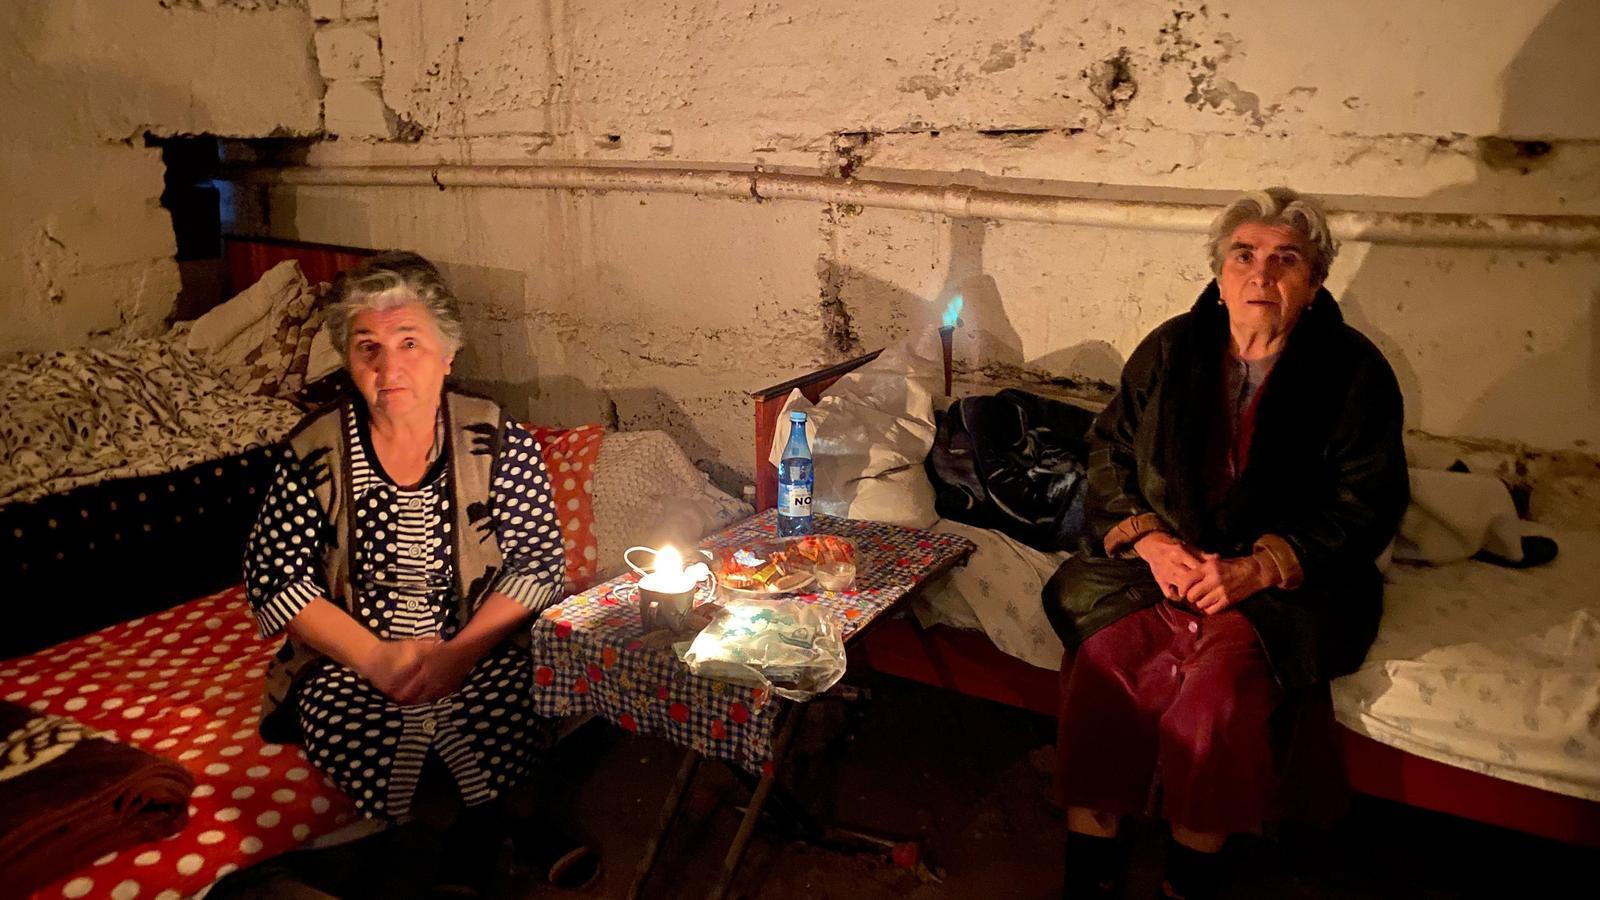 Dues dones en un soterrani per protegir-se de les bombes a Stepanakert, la capital de Nagorno-Karabakh